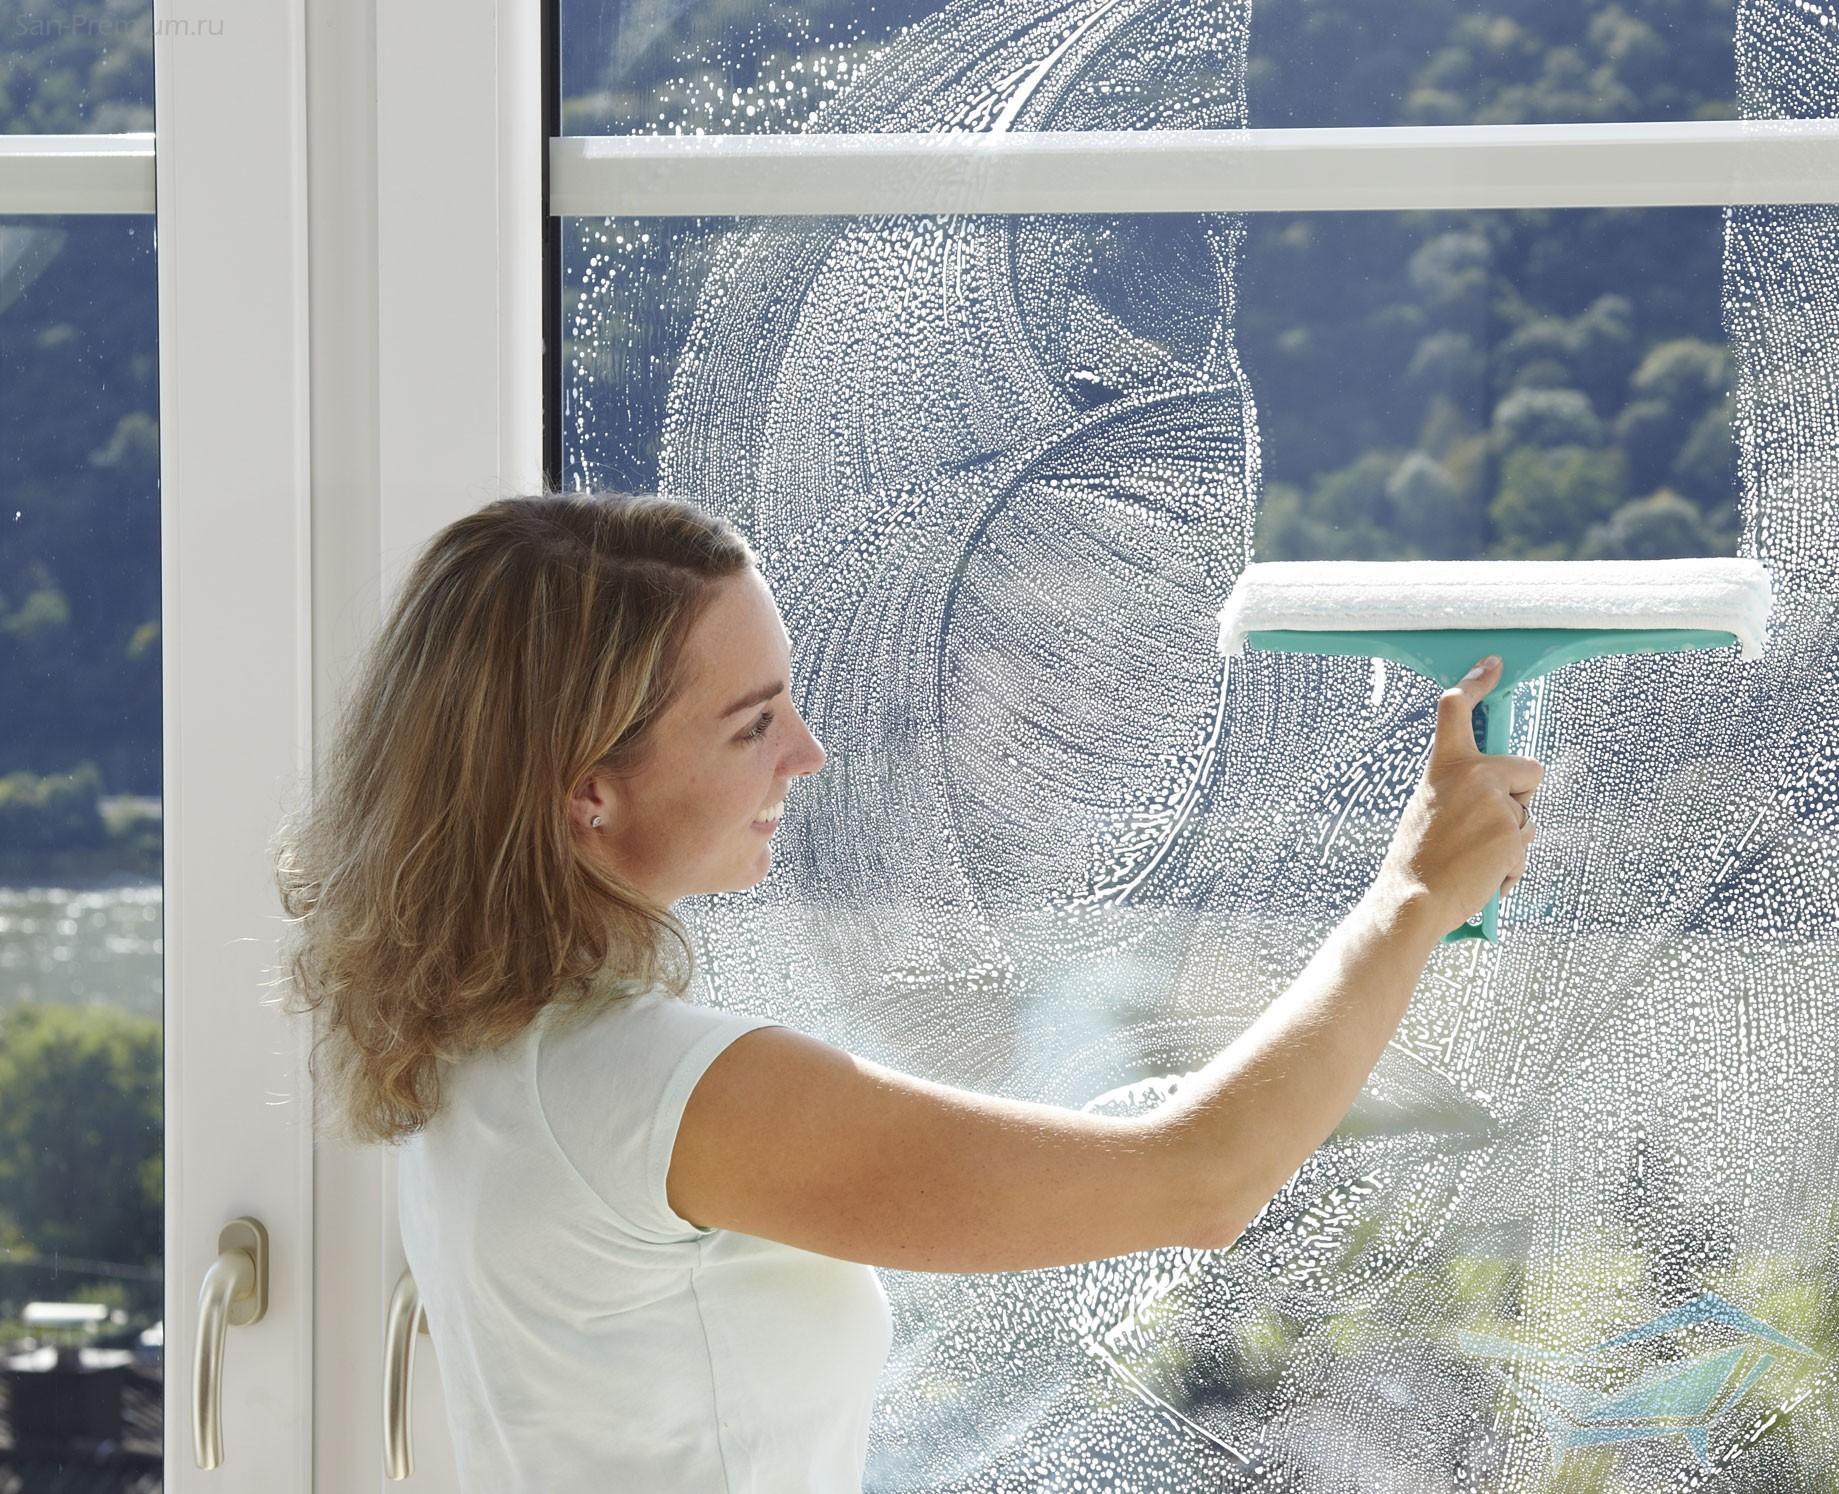 Почистить пластиковые окна от скотча